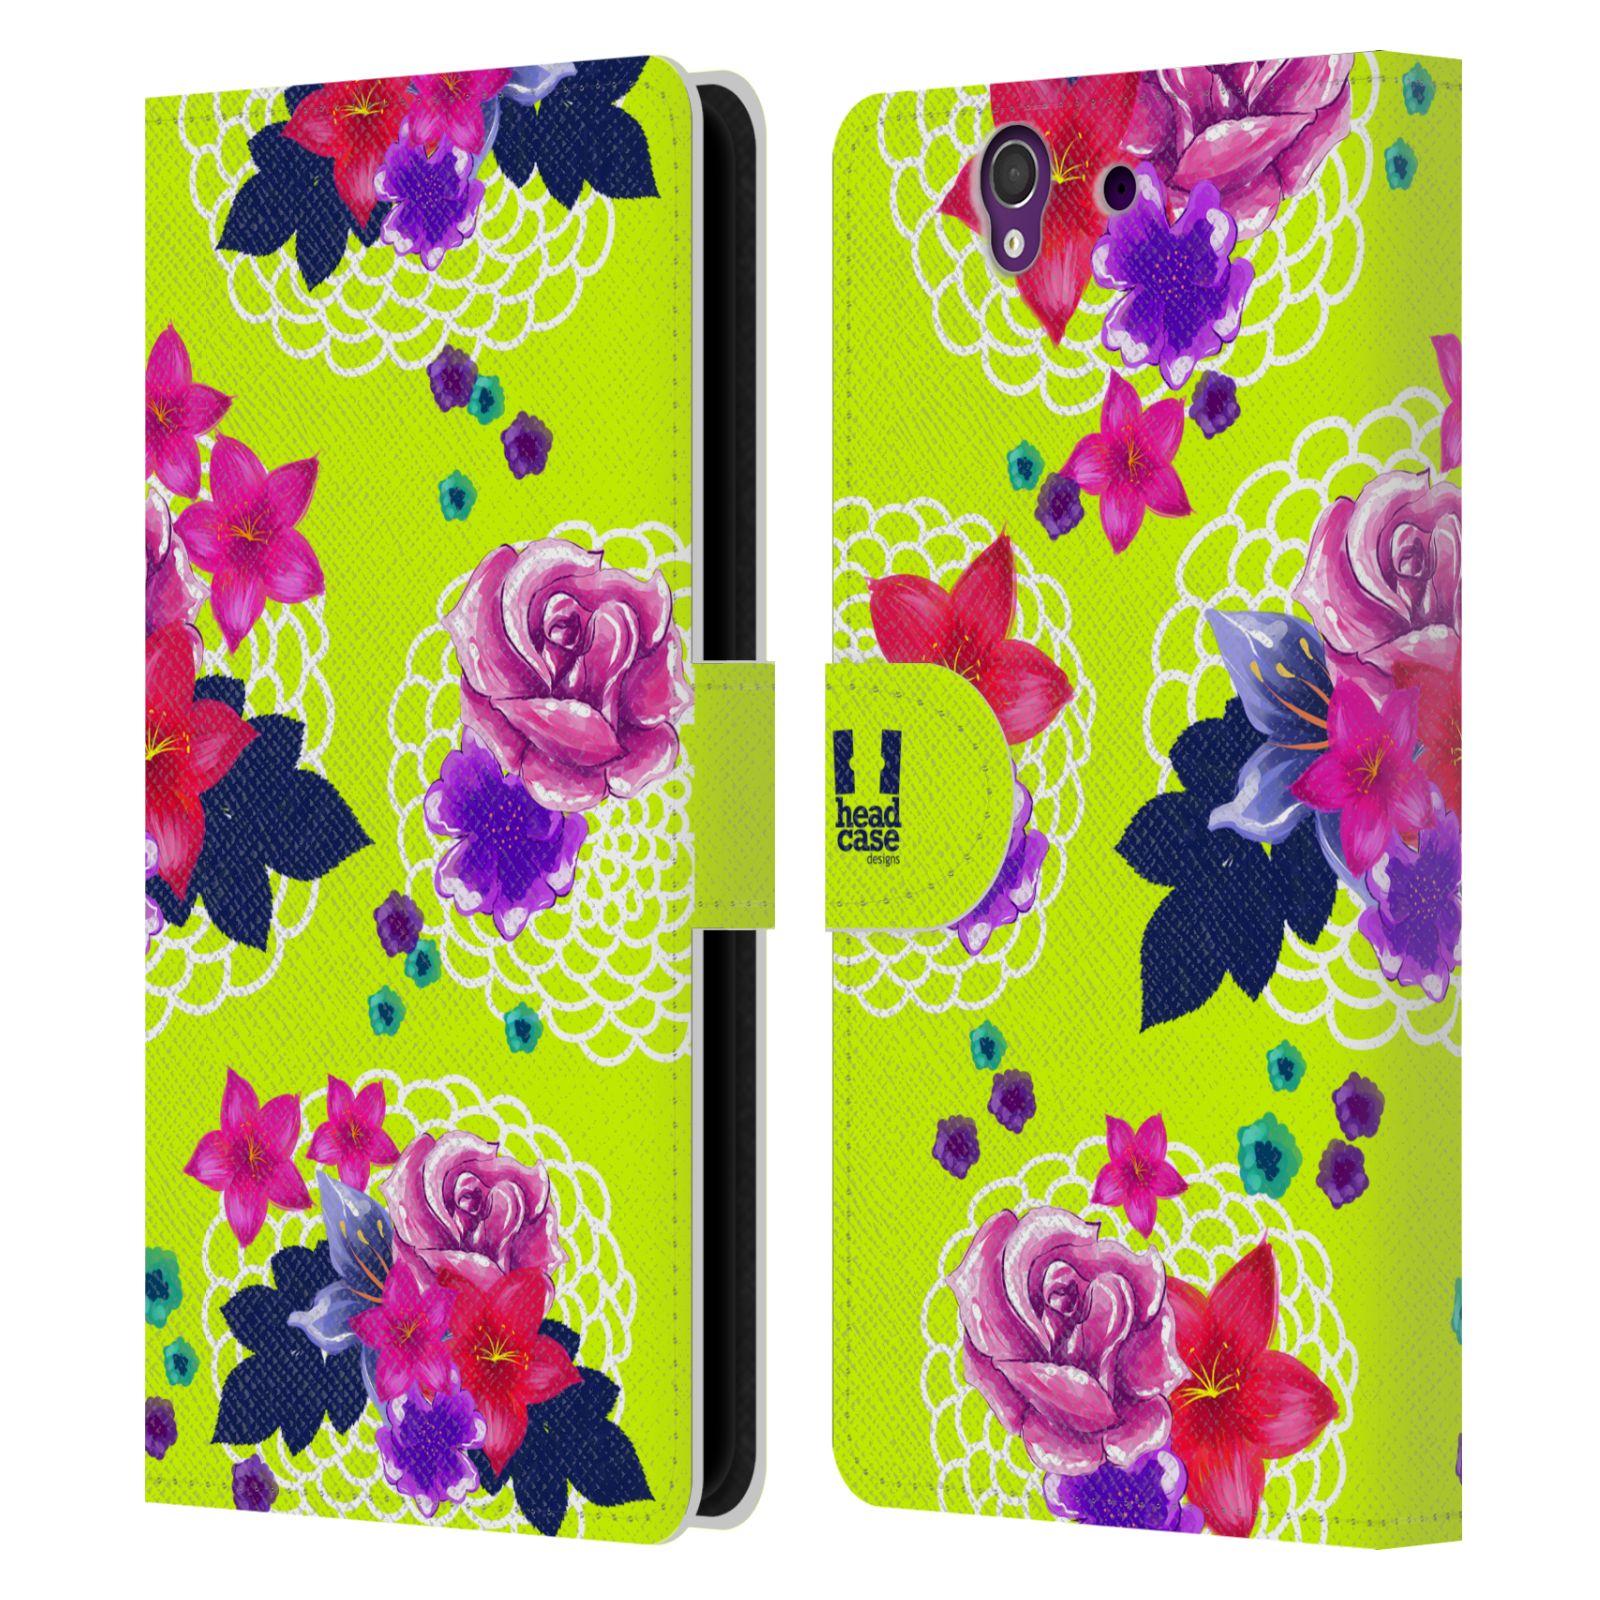 HEAD CASE Flipové pouzdro pro mobil SONY XPERIA Z (C6603) barevné kreslené květiny zářivě zelená